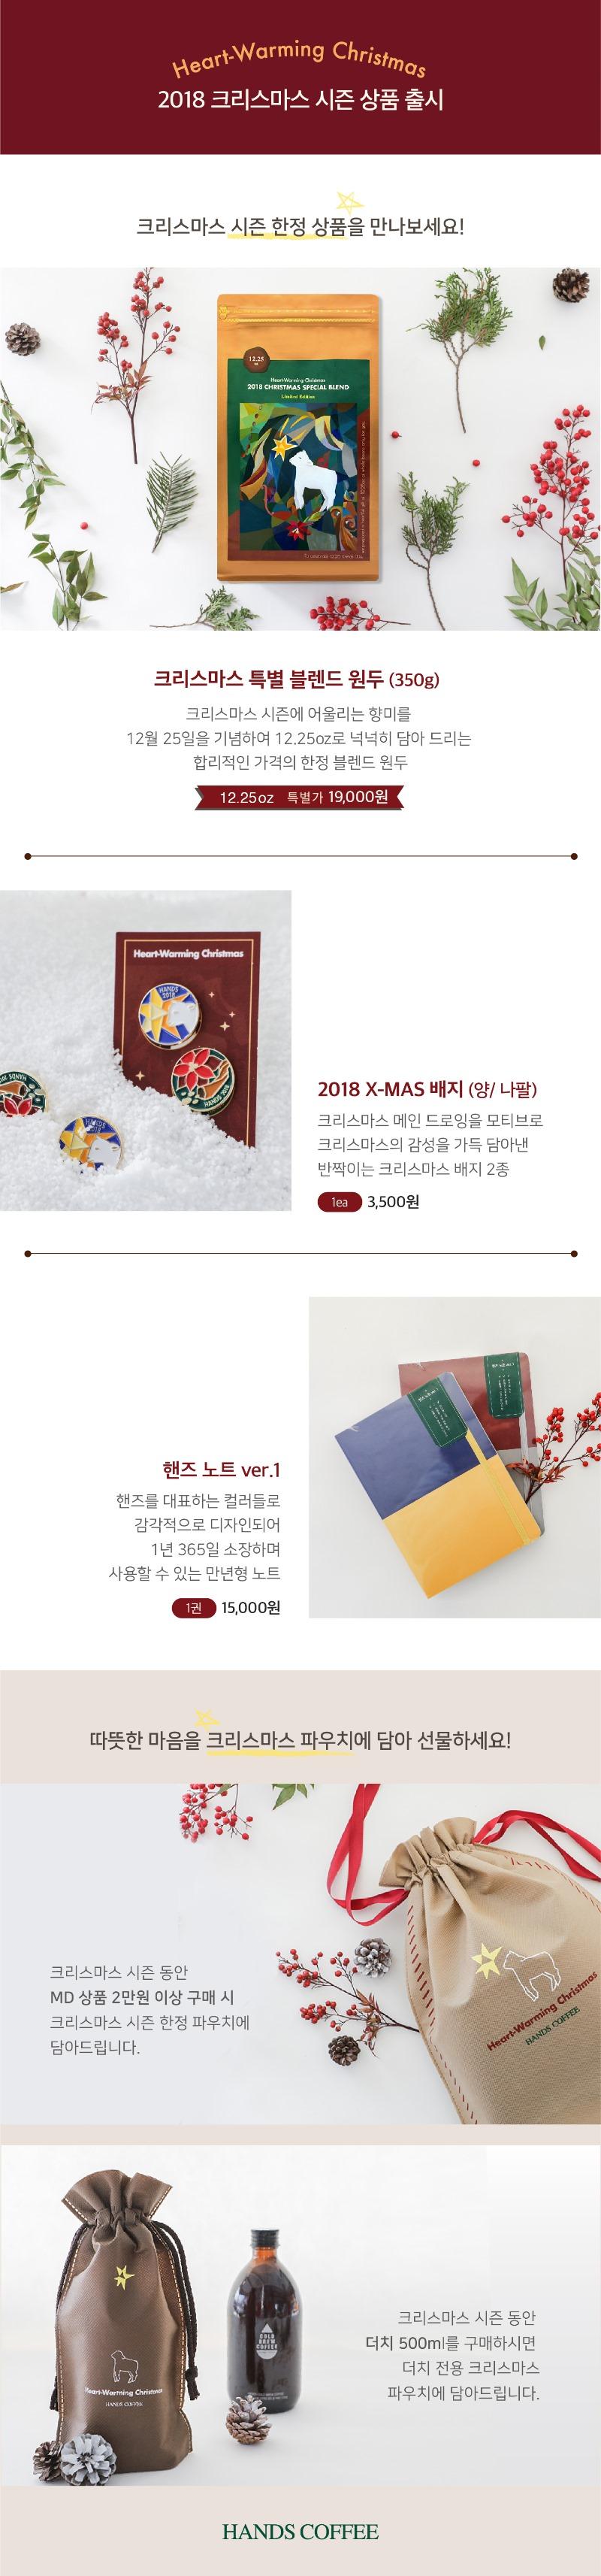 2018 크리스마스 홈페이지 홍보물-05.jpg